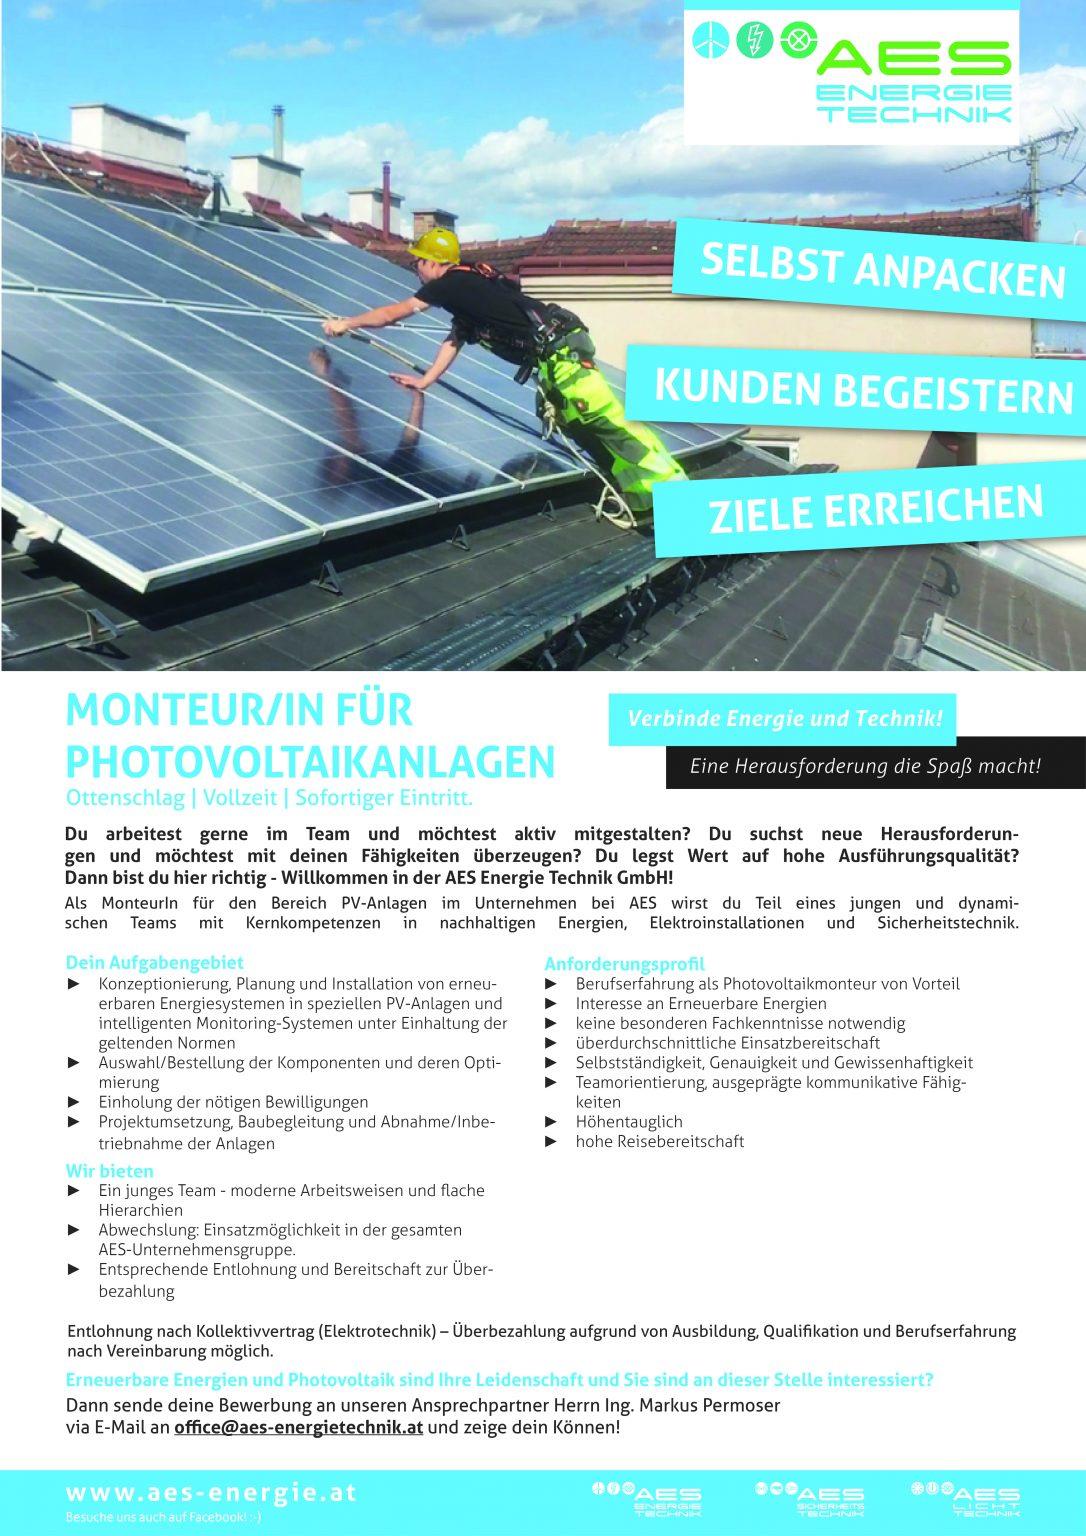 MonteurIn für Photovoltaikanlagen